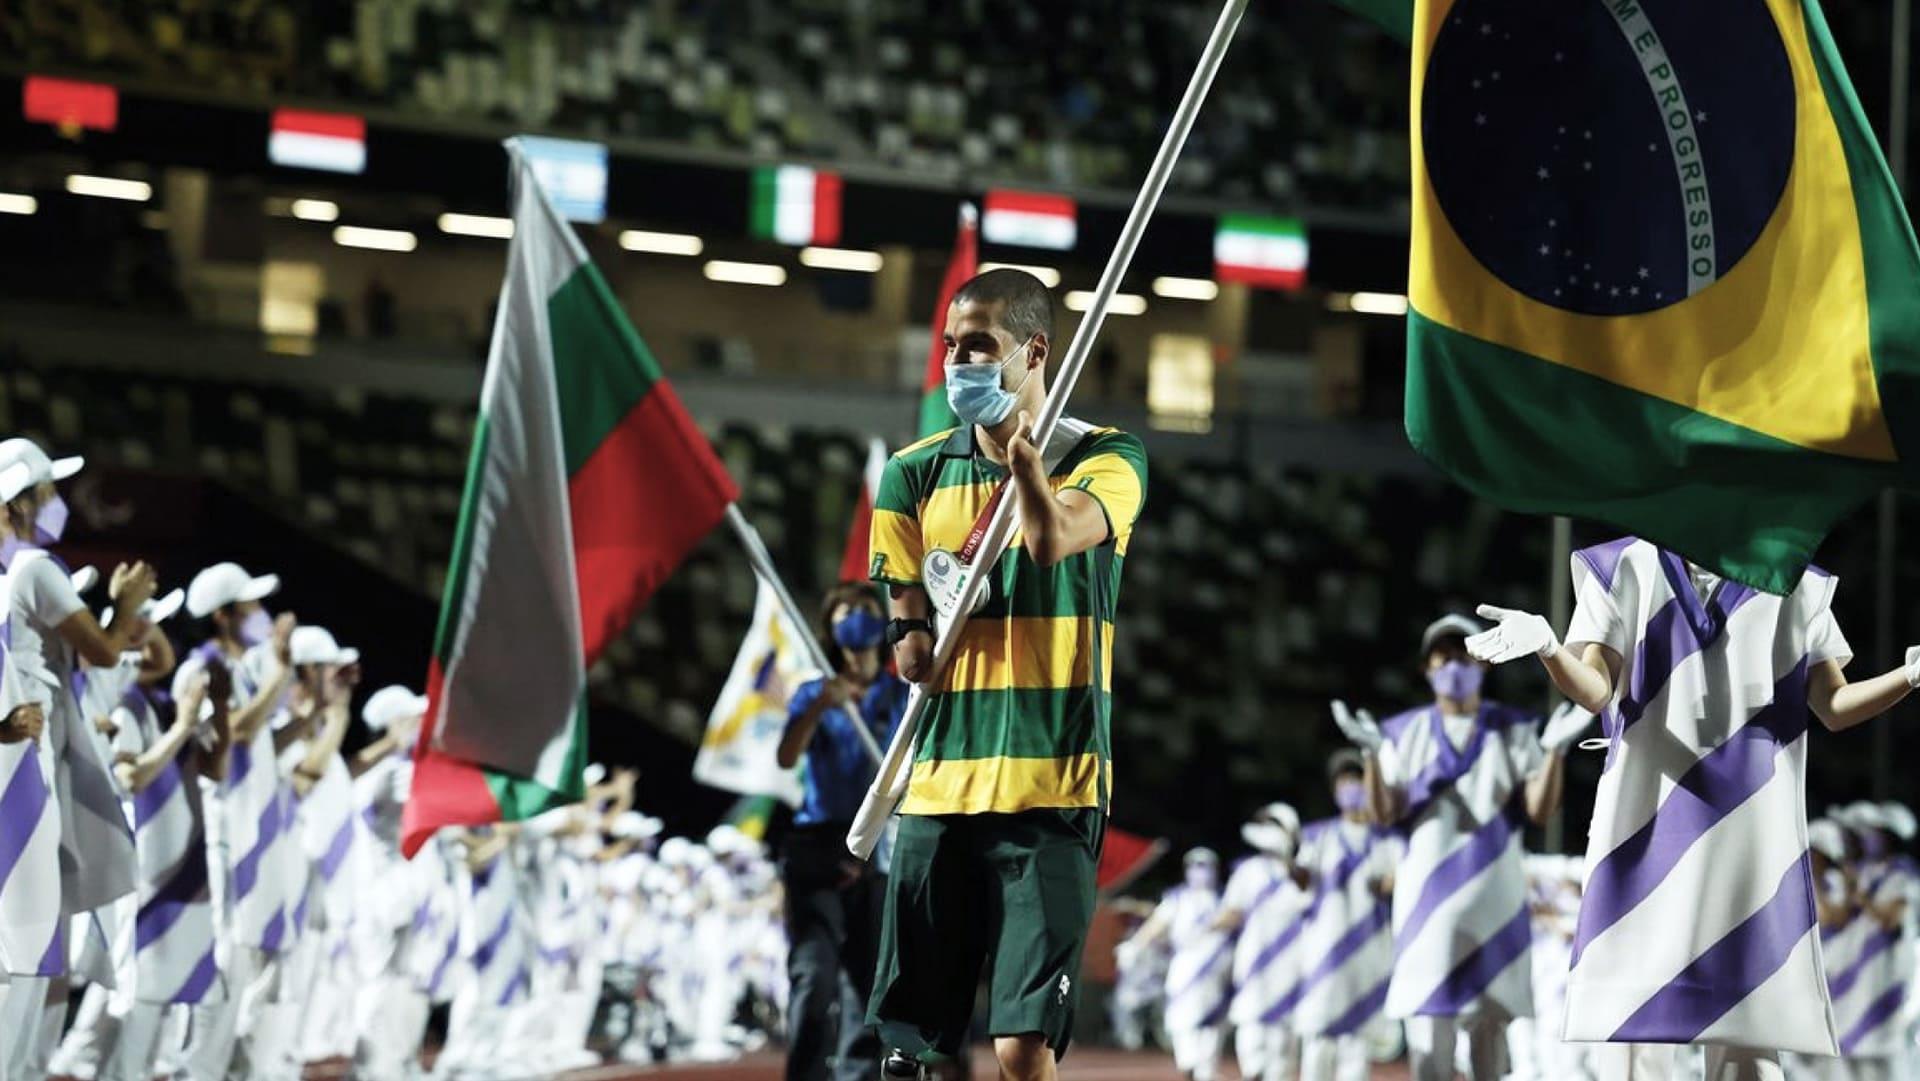 Fotografia do medalhista Daniel Dias, na cerimônia de encerramento da Paralimpíada no Japão, em Tóquio, dia 5 de setembro. Daniel carrega a bandeira do Brasil.